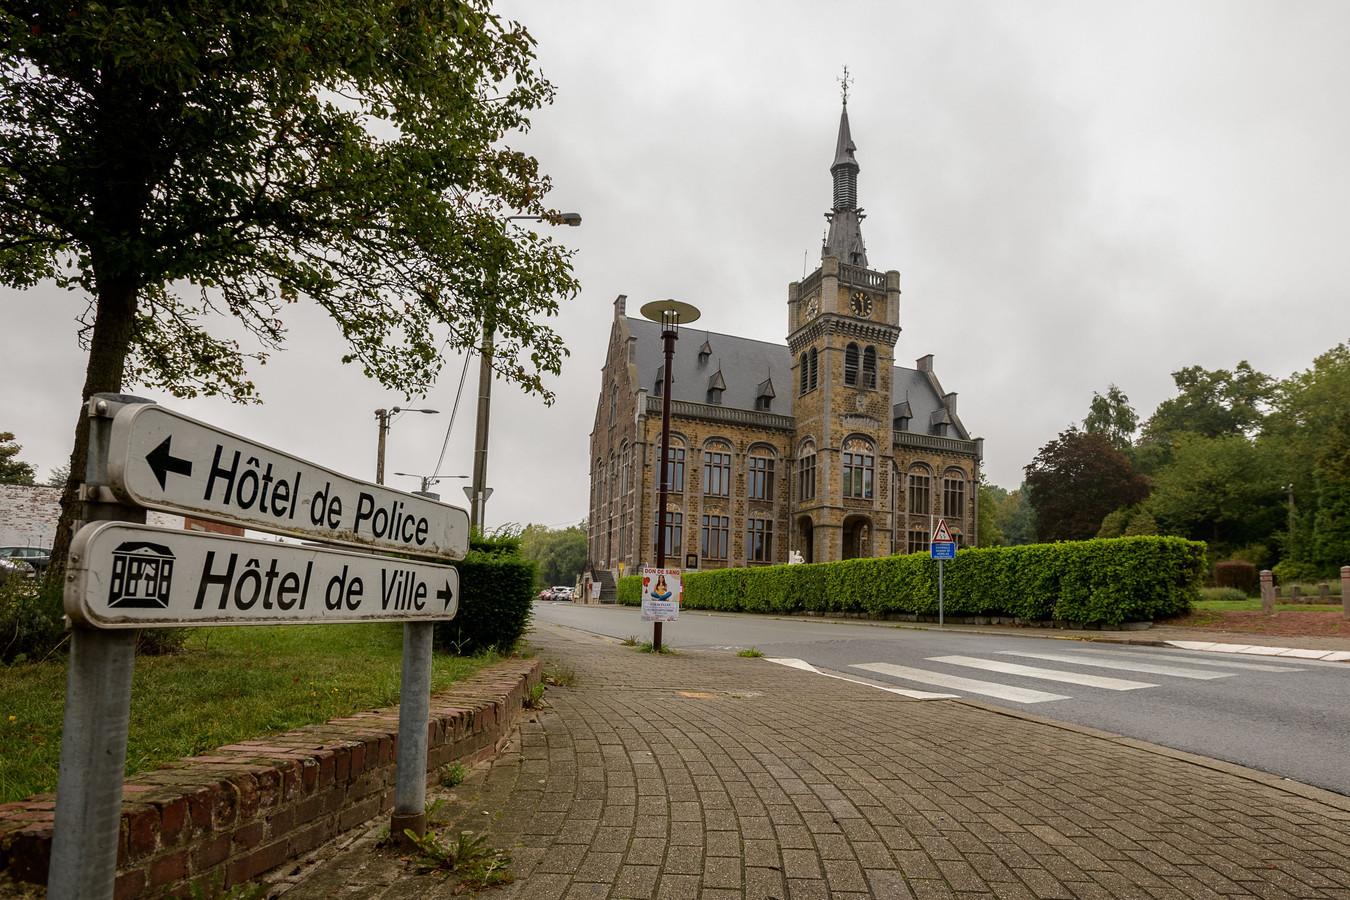 L'Hôtel de Ville de Courcelles